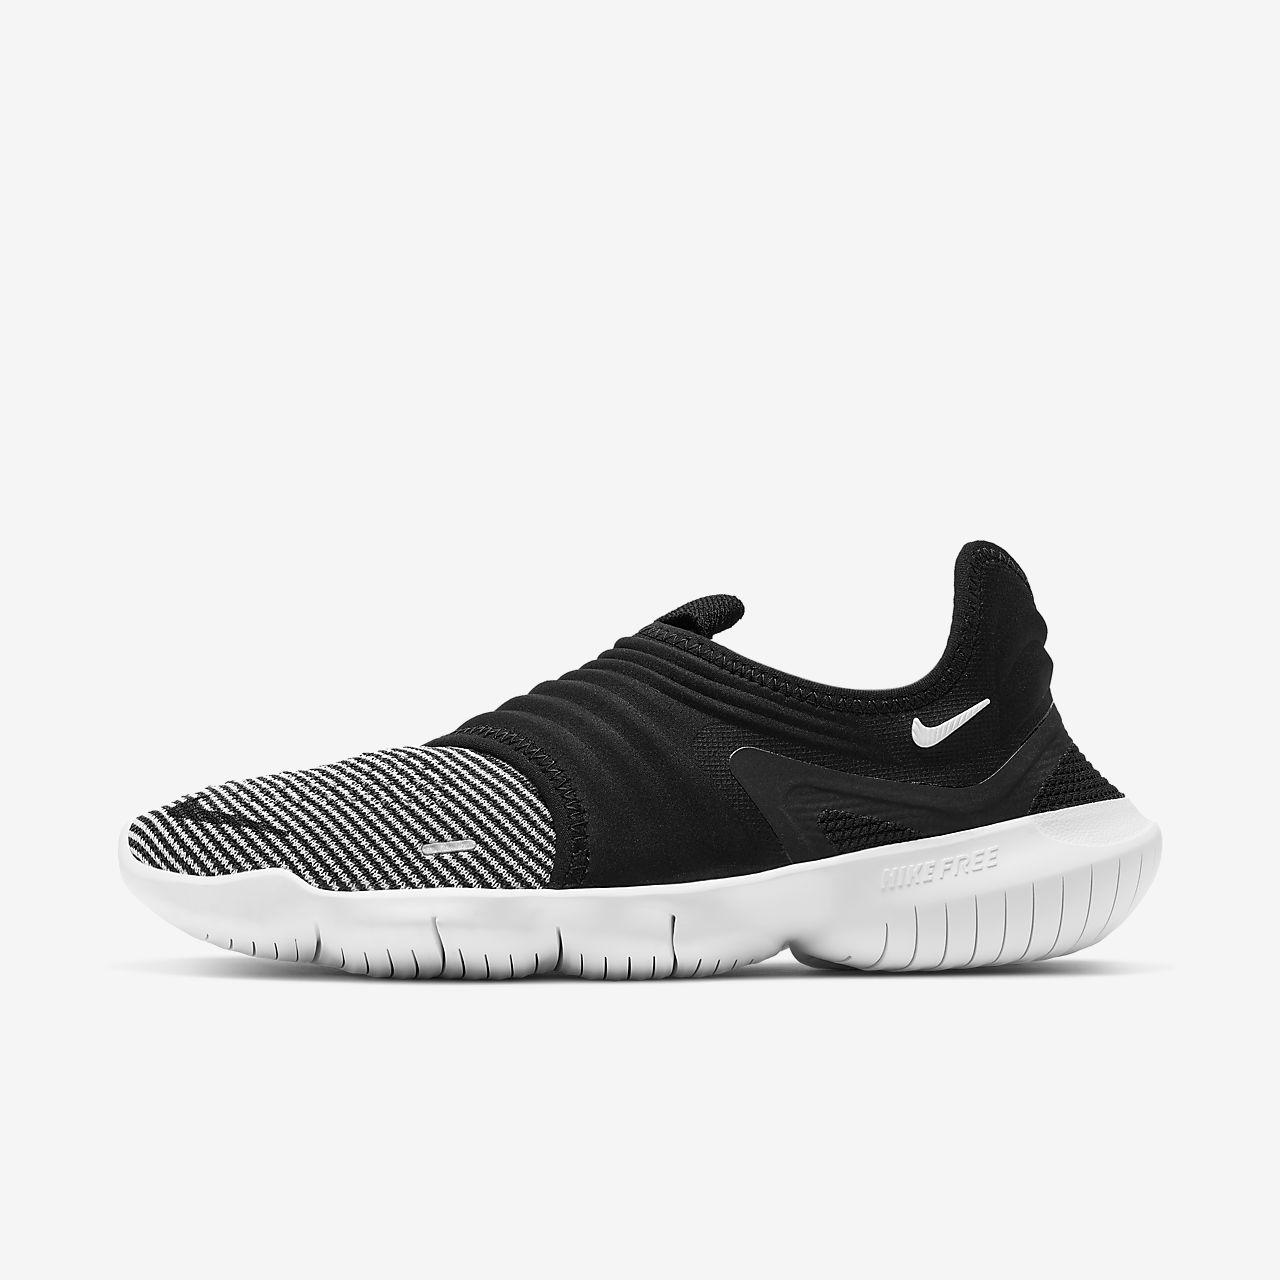 Zum halben Preis Nike Free 3.0 Frauen Flyknit Schwarz Weiß